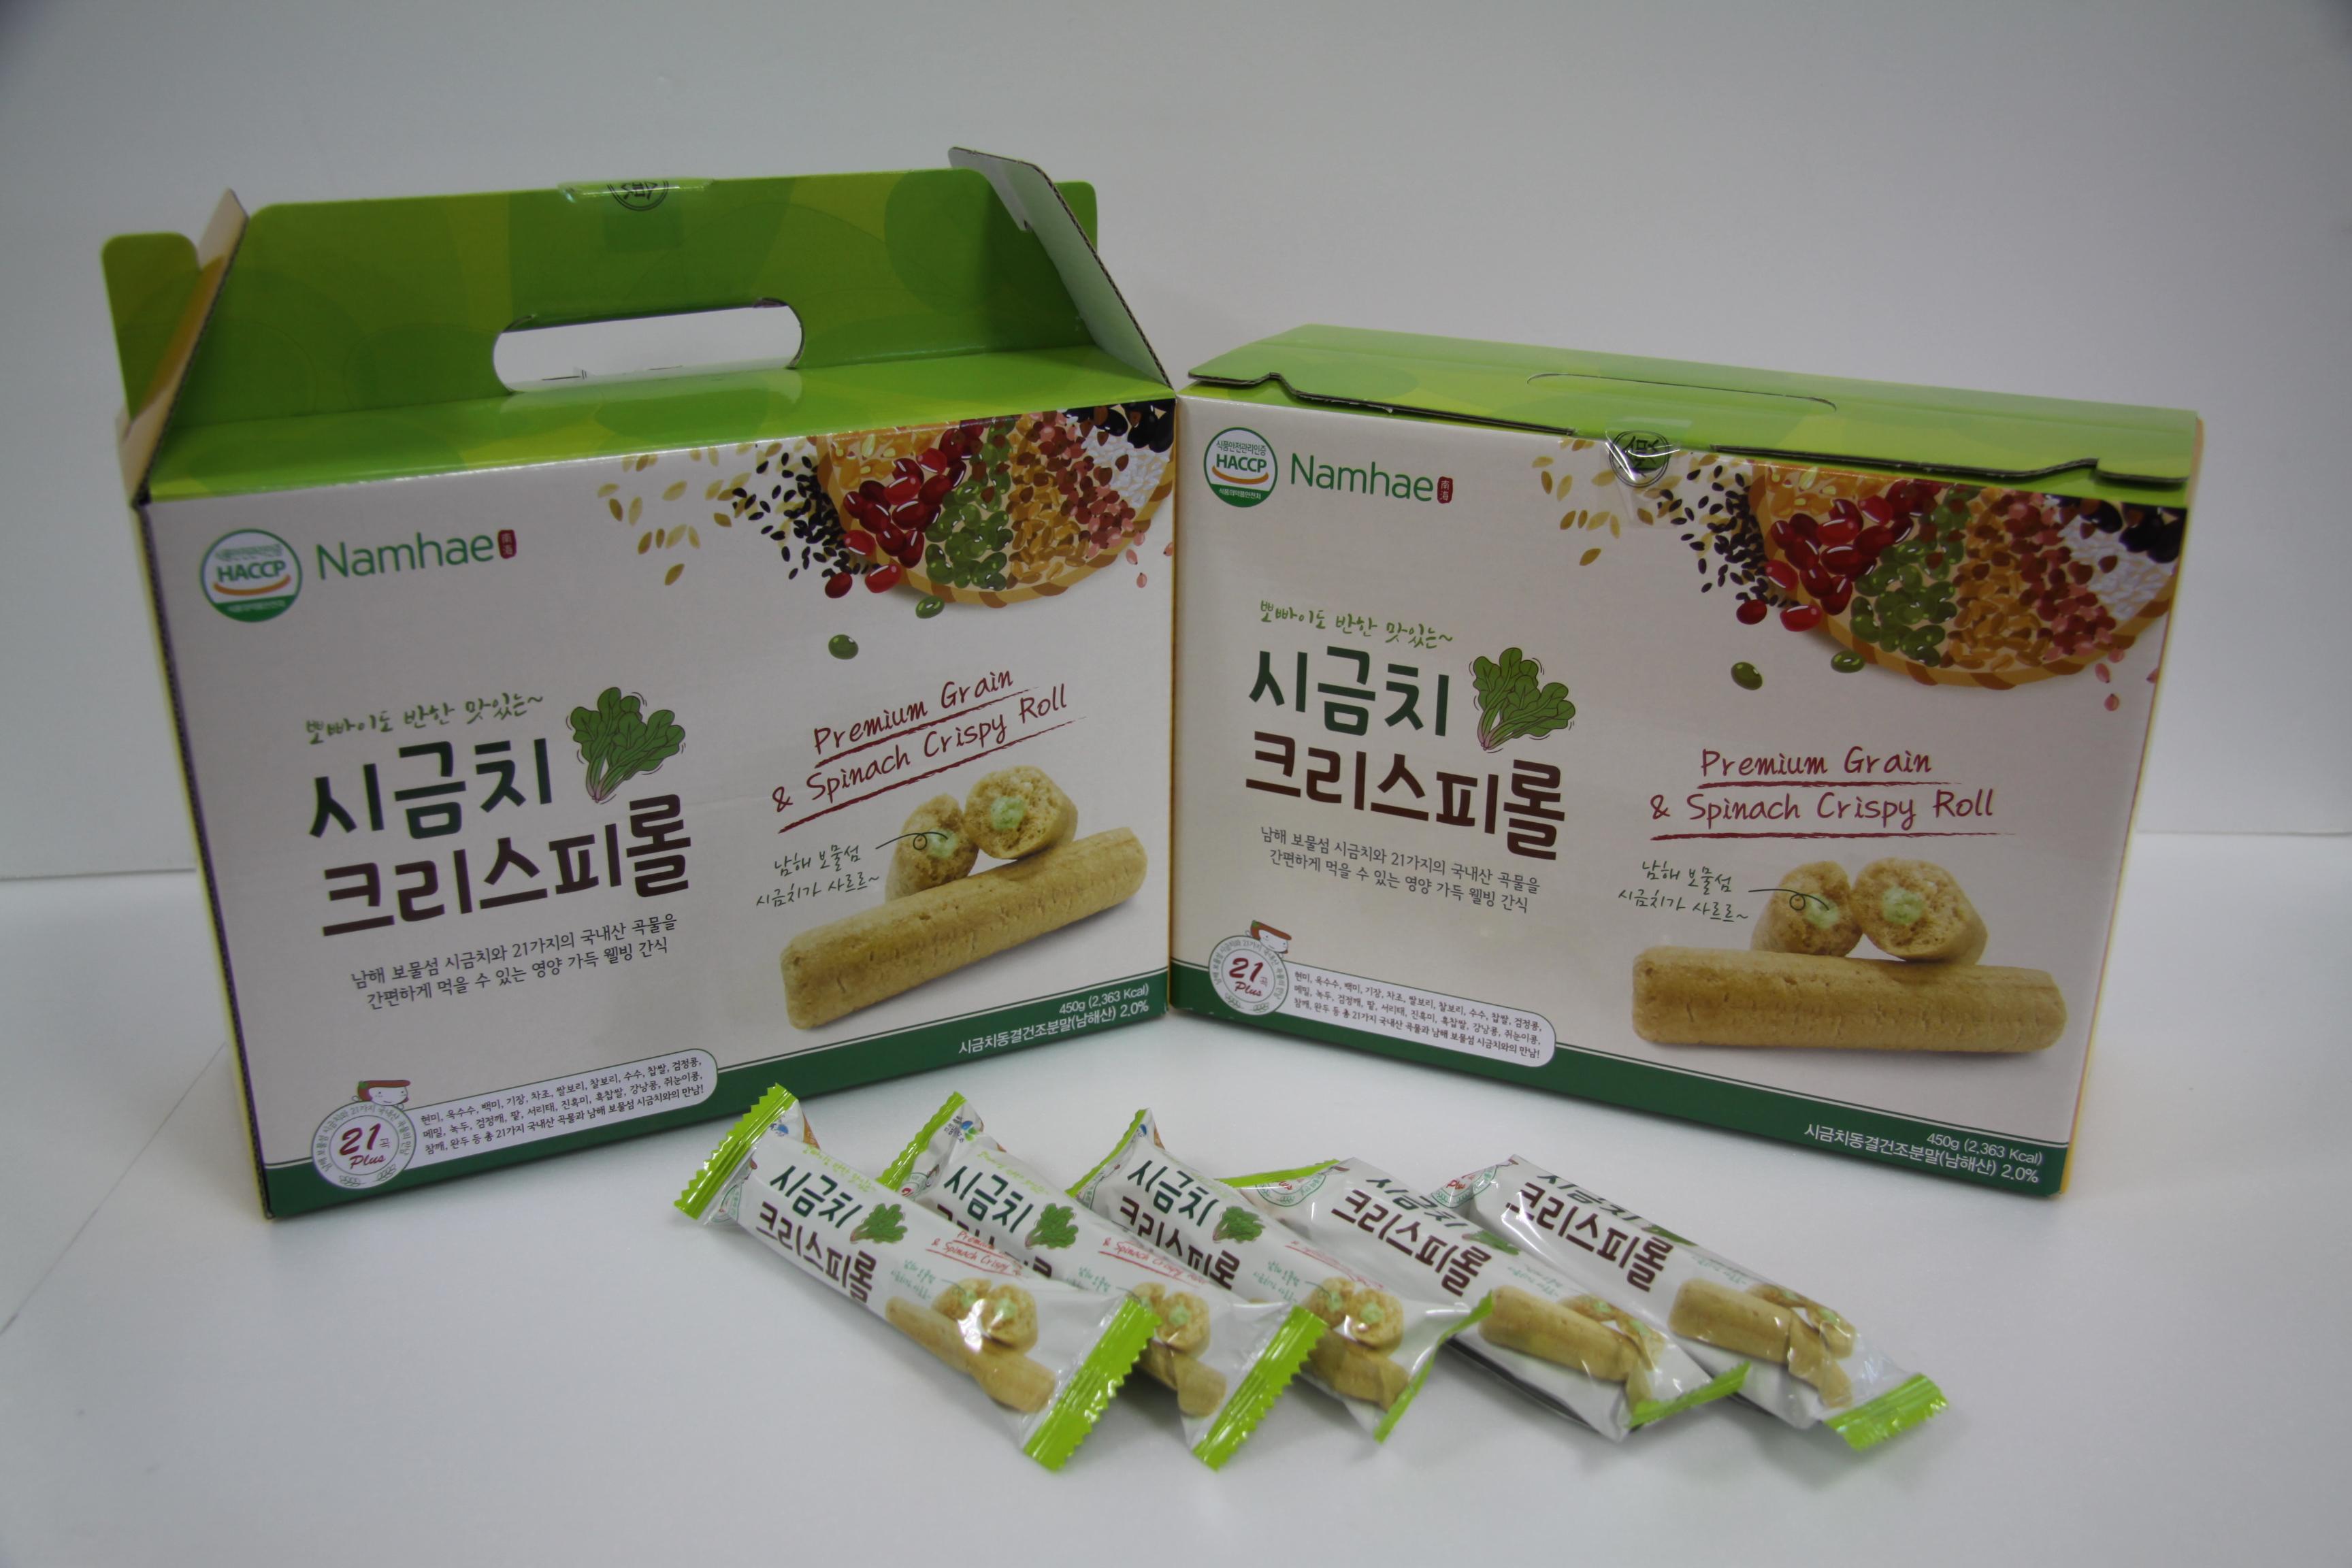 제품 - 시금치크리스피롤